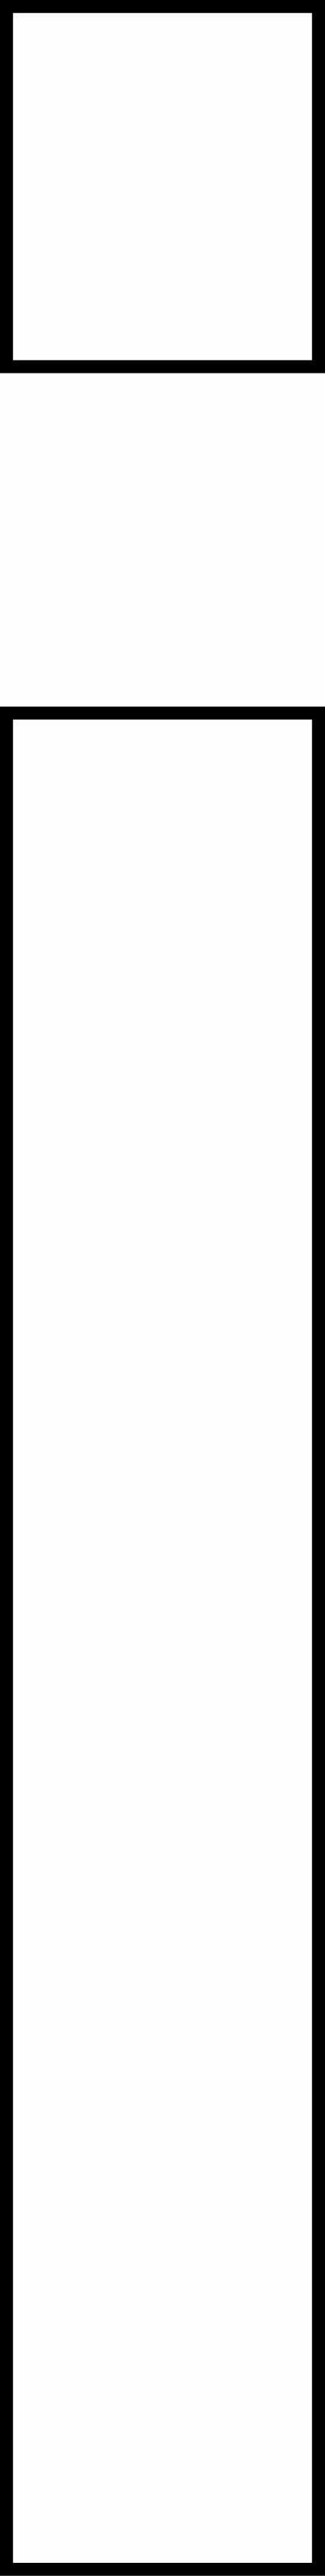 Letra i - minúscula para imprimir